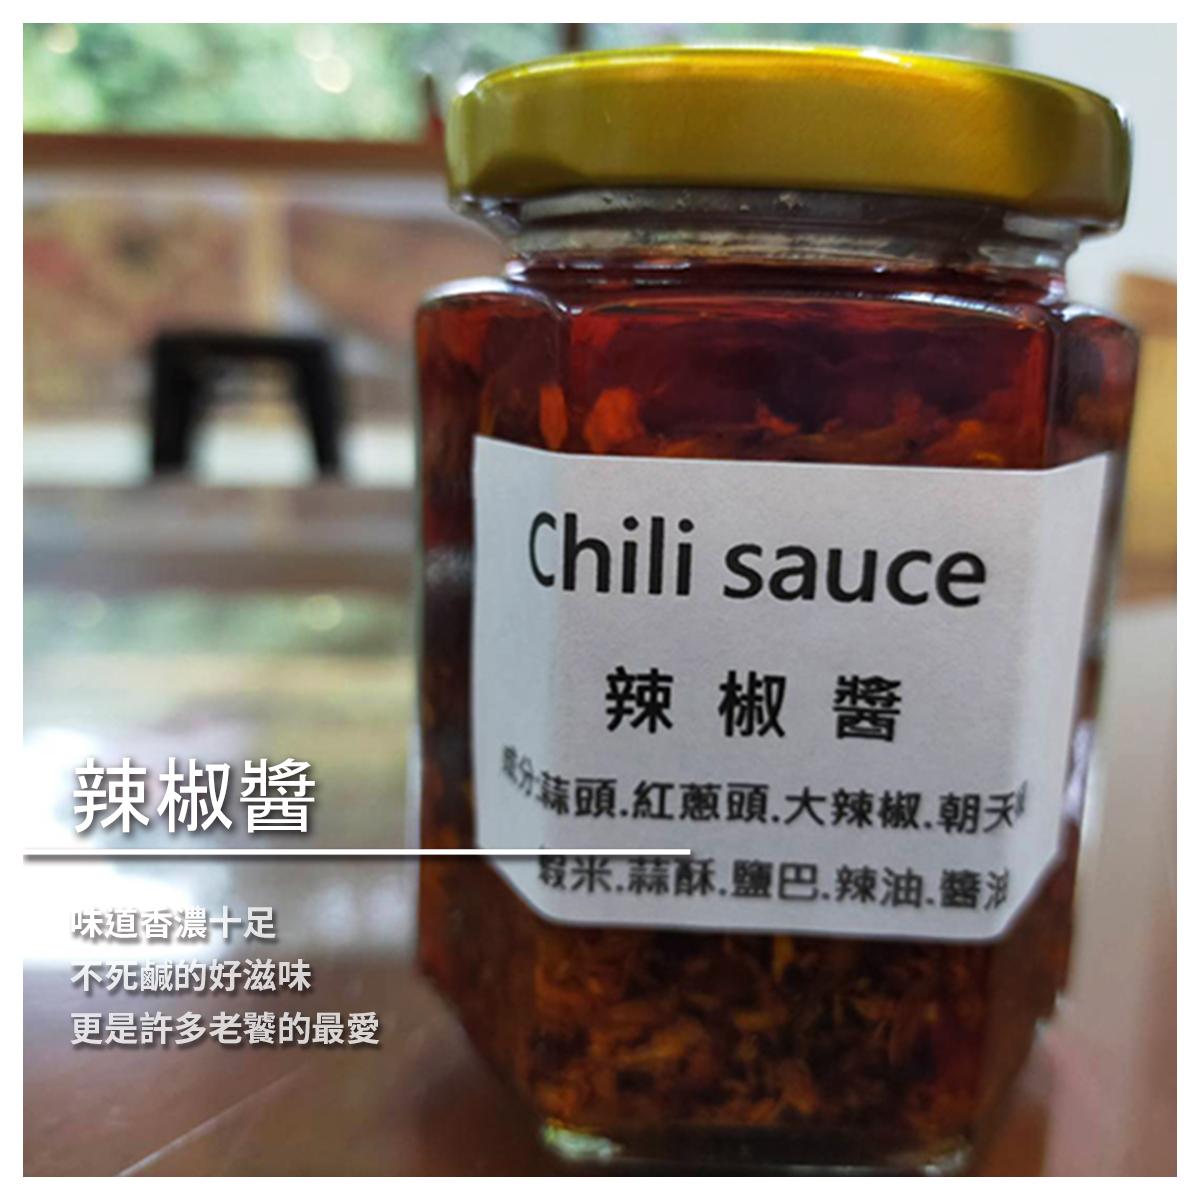 【知秋綠境屋】辣椒醬/350g/罐